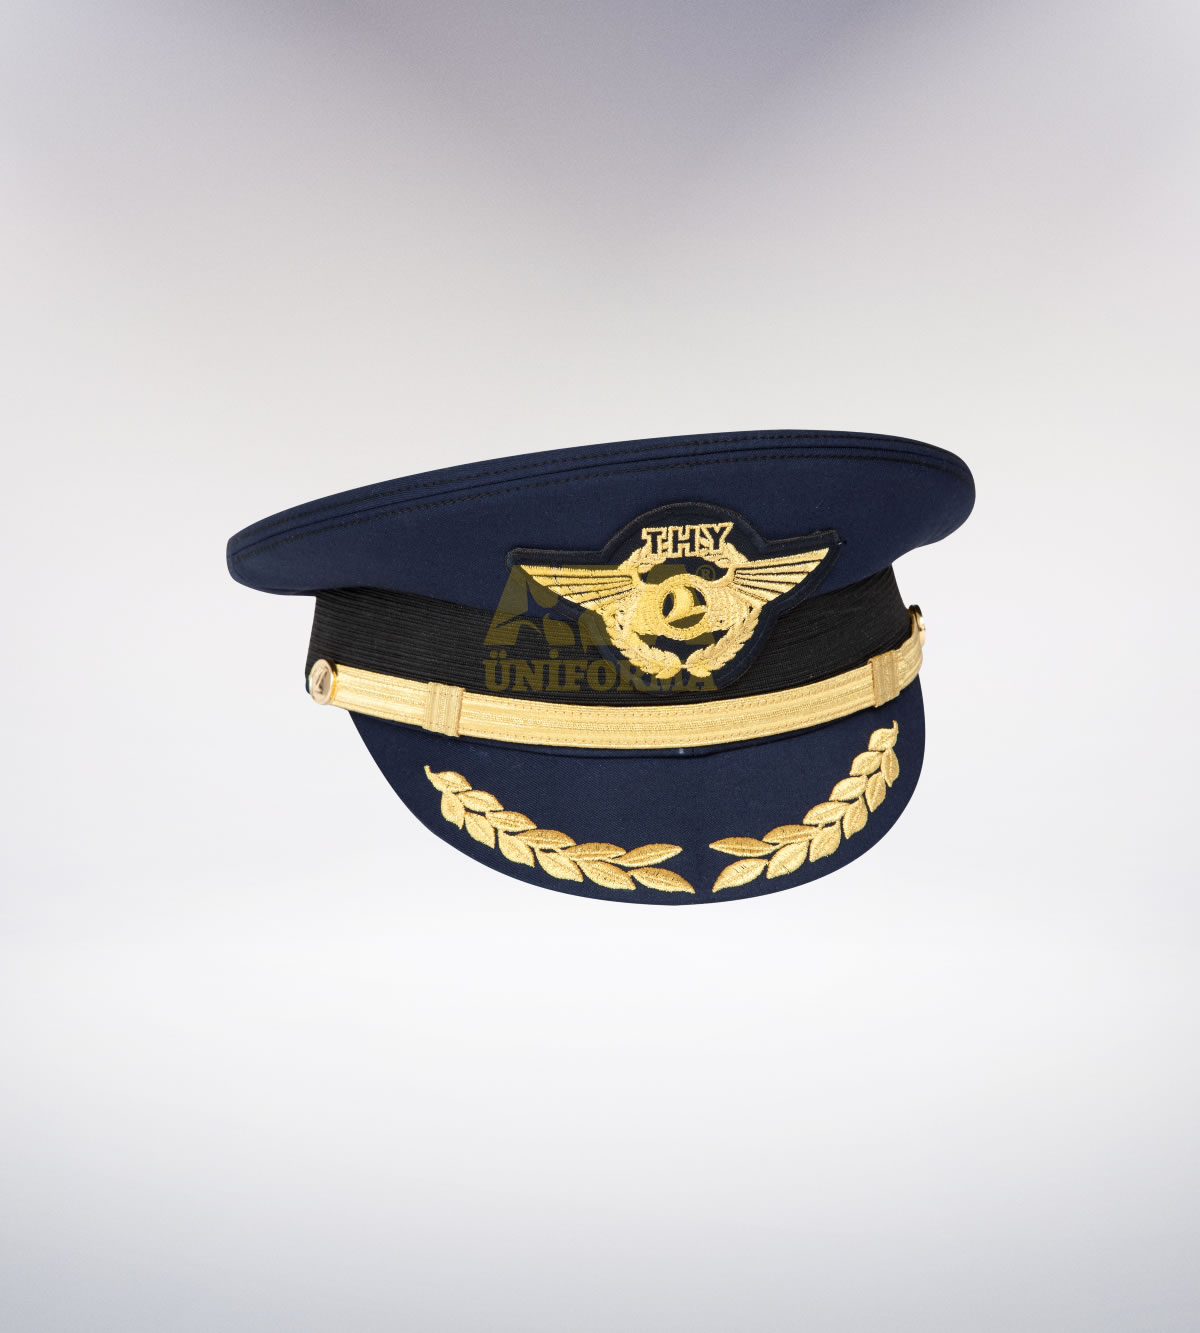 ATA-1095 Pilot tören şapka - pilot elbiseleri | pilot  üniformaları | pilot kıyafetleri